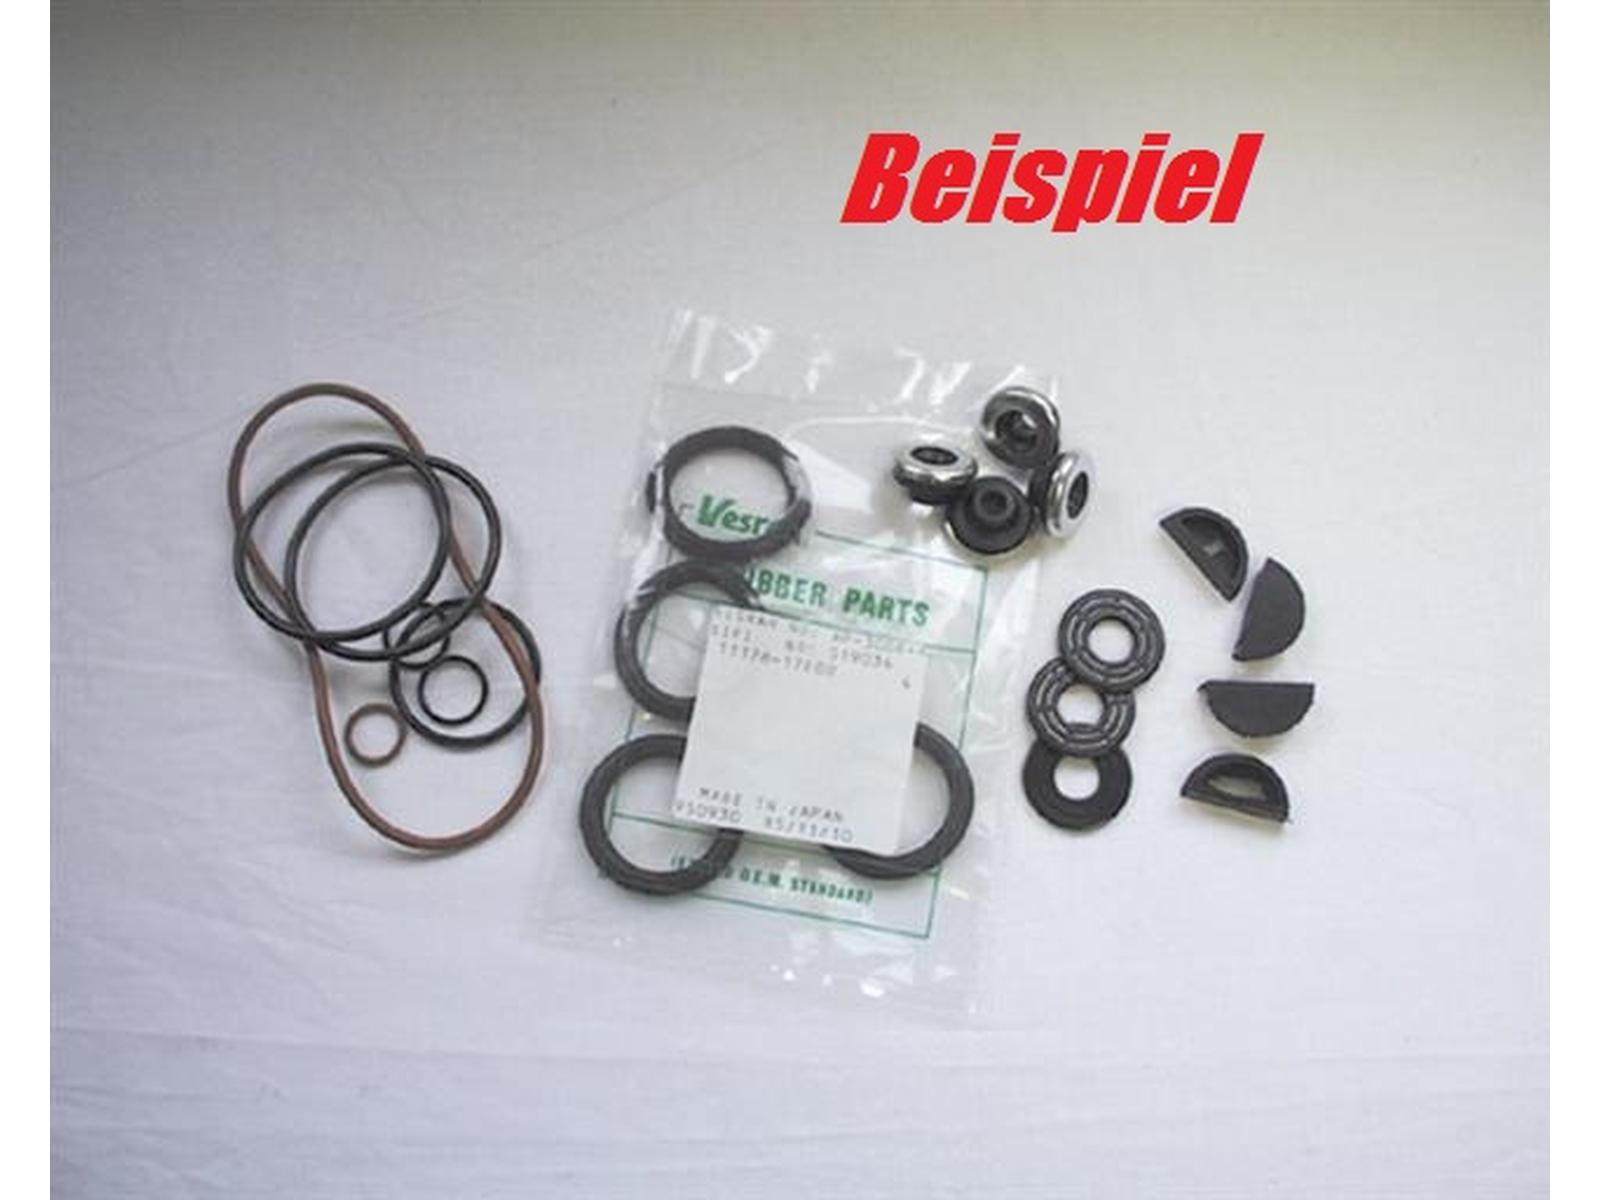 Ventildeckeldichtung Kawasaki En/Er/Gpz/Kle450/500